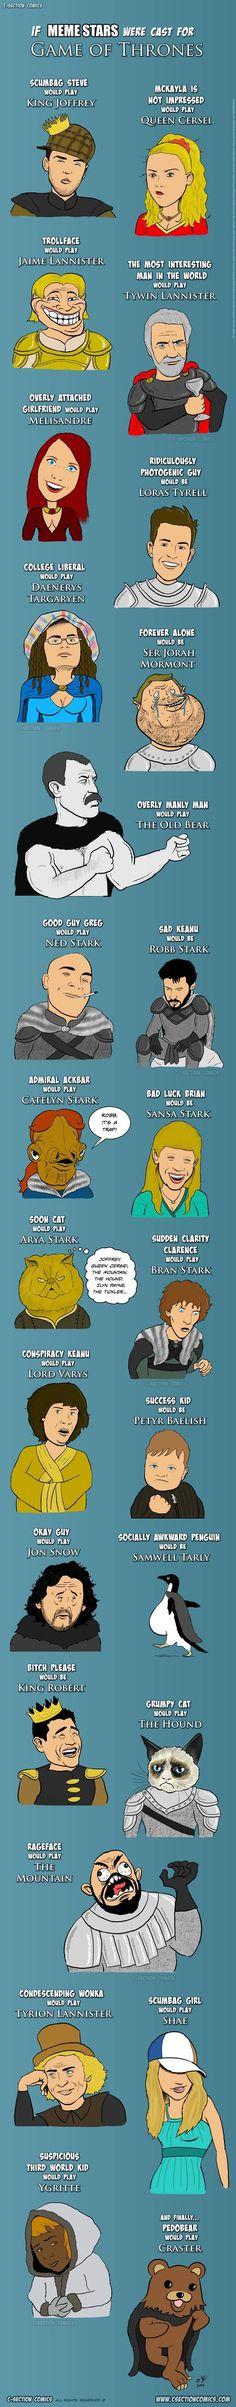 Si los memes más famosos fueran personajes de Juego de Tronos: - Los Siete Reinos